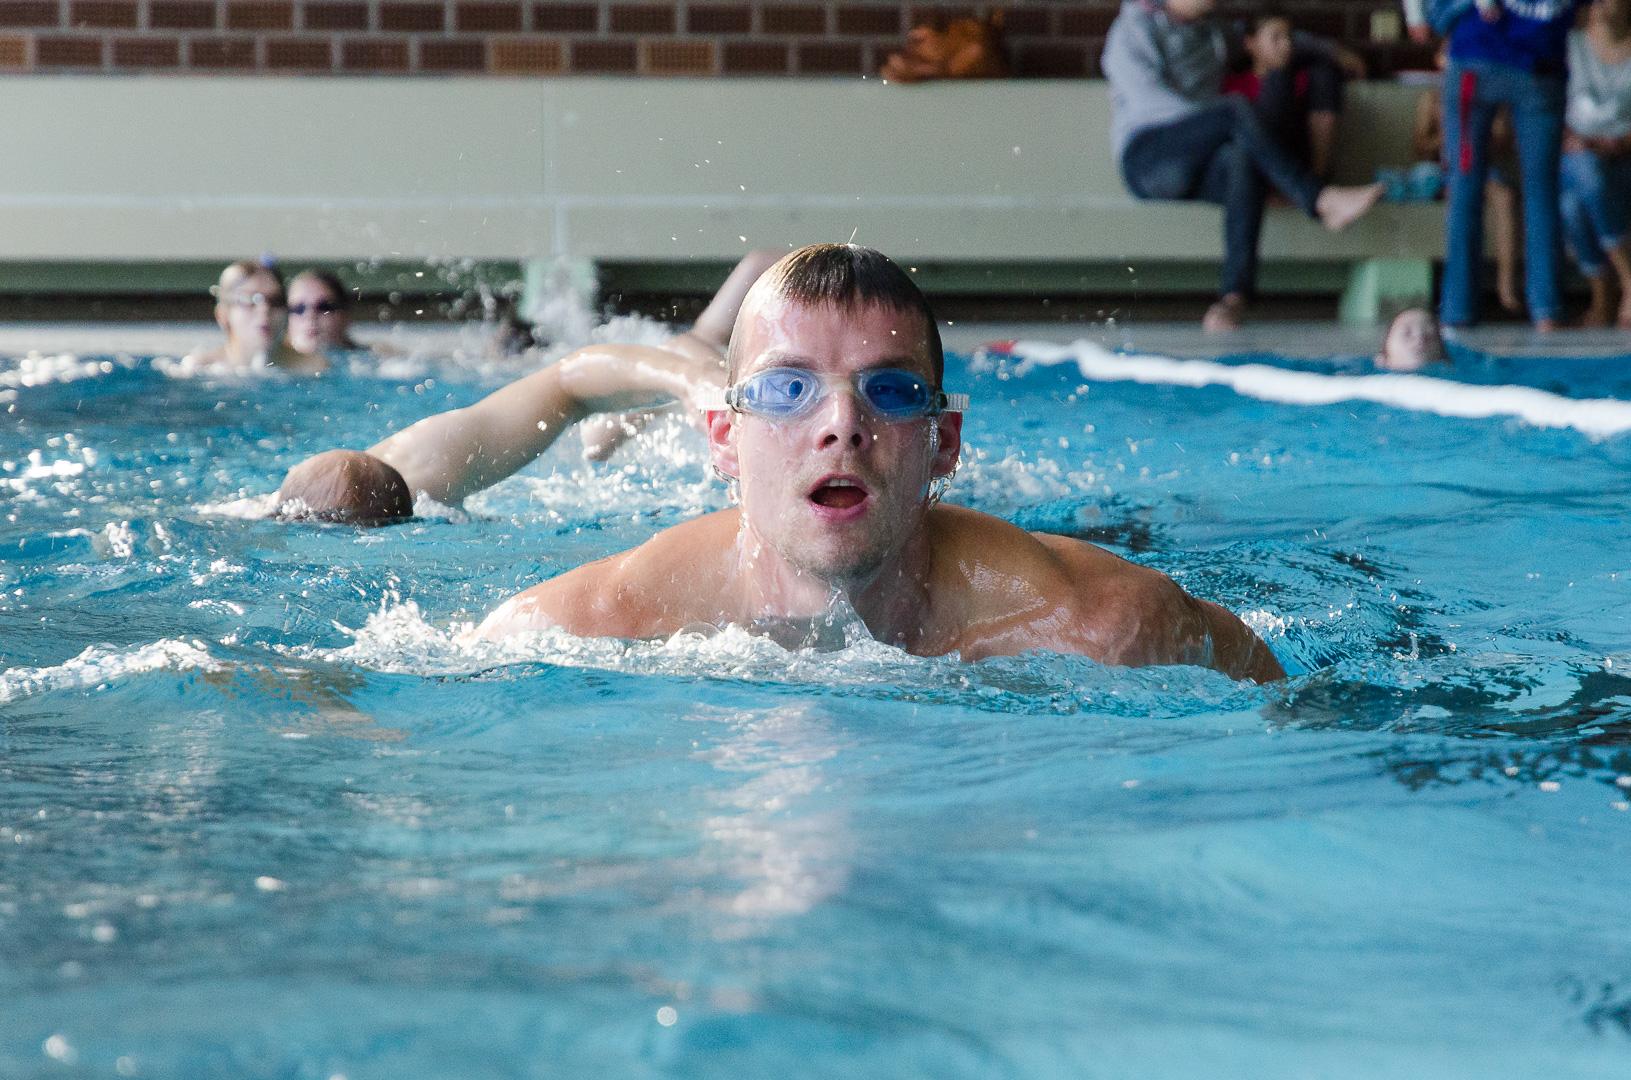 Die Gesellschaft für Konfliktmanagement (GFK) beteiligt sich am 6 Stunden Spenden Schwimmen der GTRS für soziale Projekte